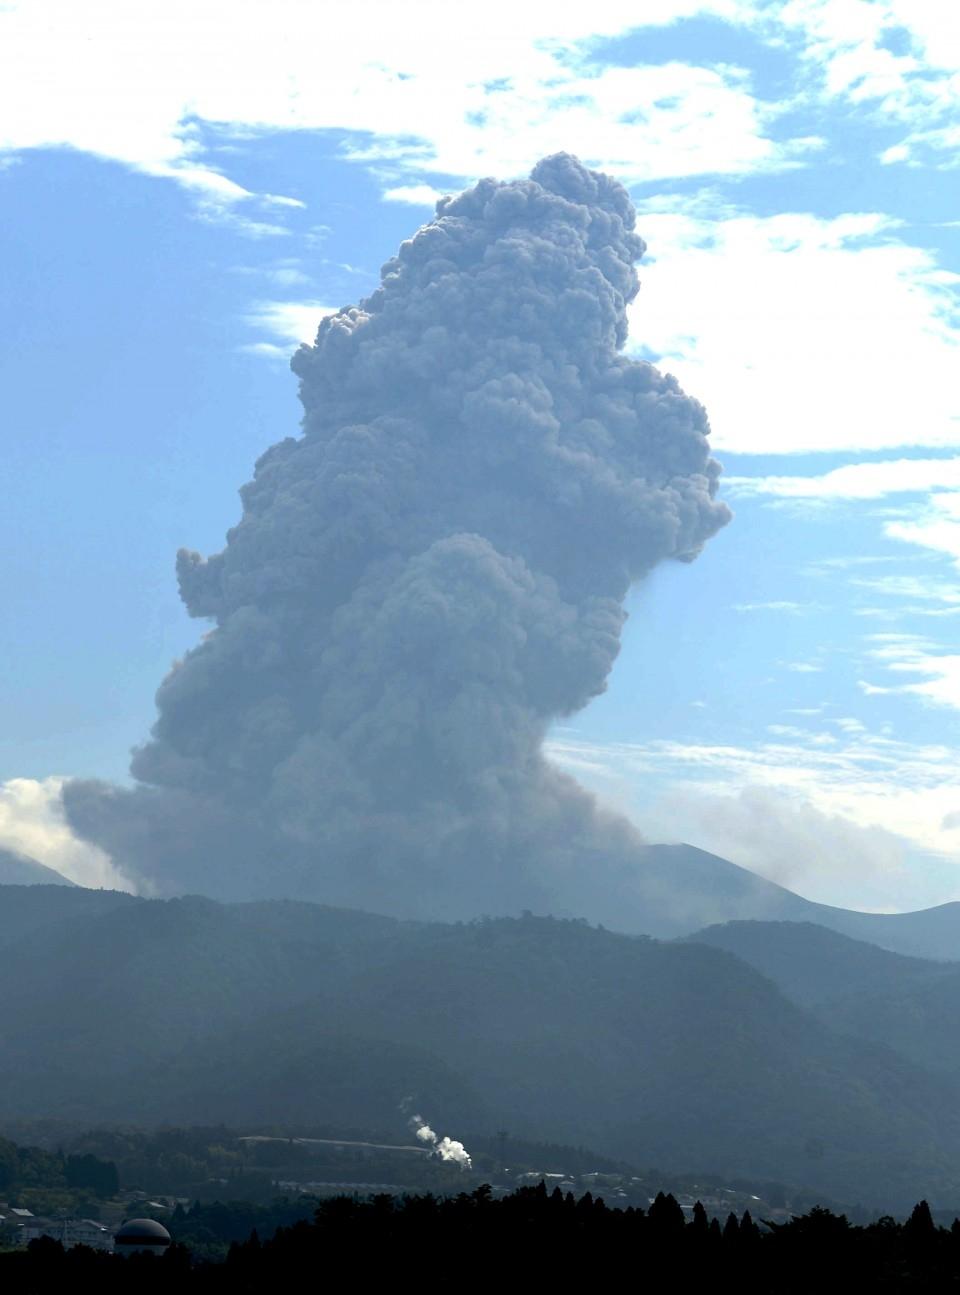 日本新燃岳火山6月22日早9時9分左右發生劇烈噴發。(網圖)